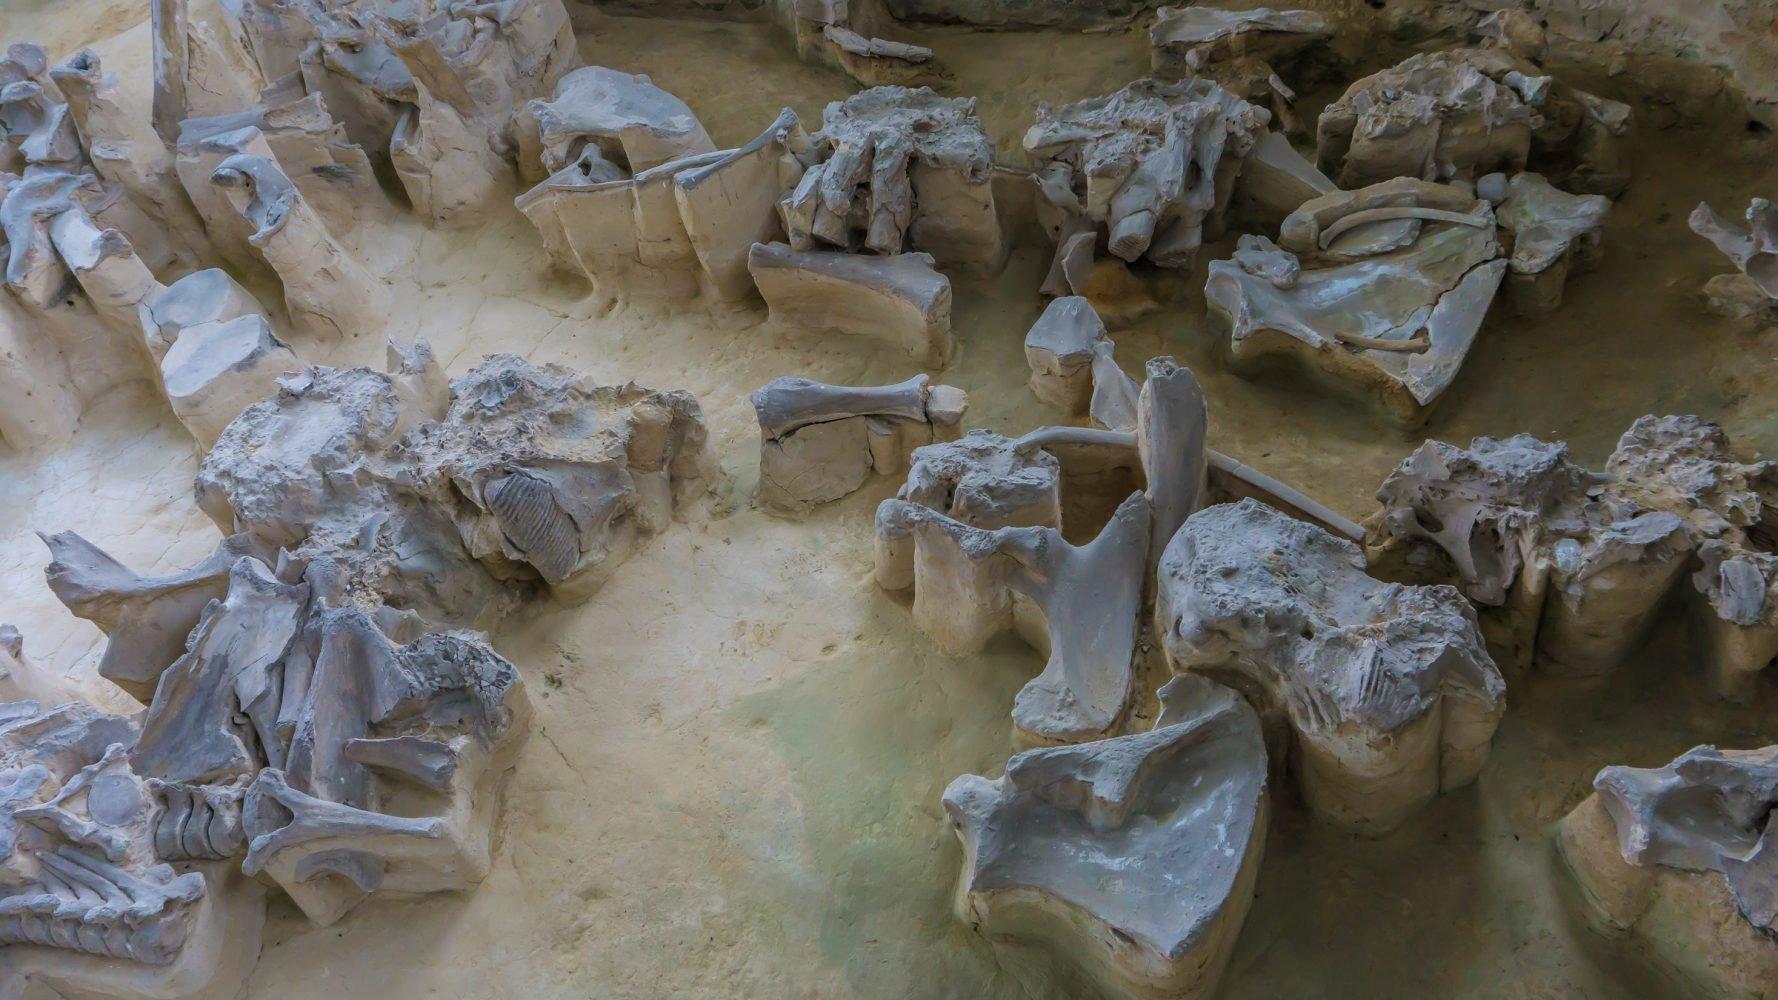 Что любопытно - основным топливом для обогрева и готовки был все тот же мамонт. Дерева в тундре нет, а массивные кости с костным жиром - таки неплохо горят. Пахло, наверное, не очень :-/